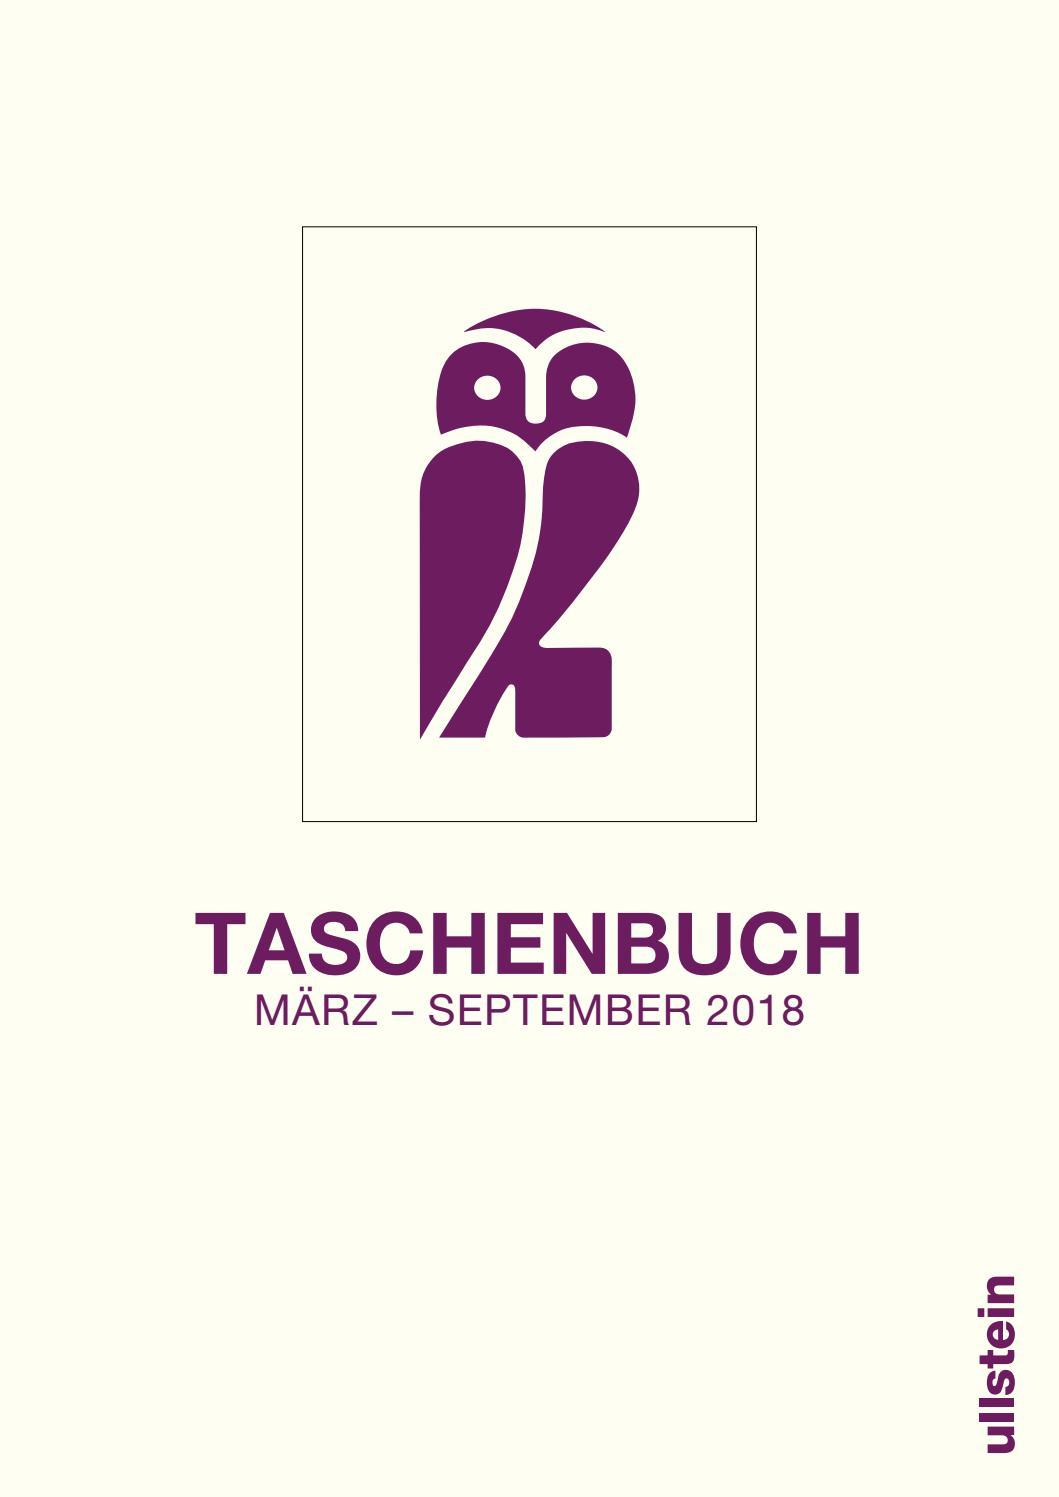 Ullstein Taschenbuch Frühjahr 2018 Vorschau by Ullstein Buchverlage ...